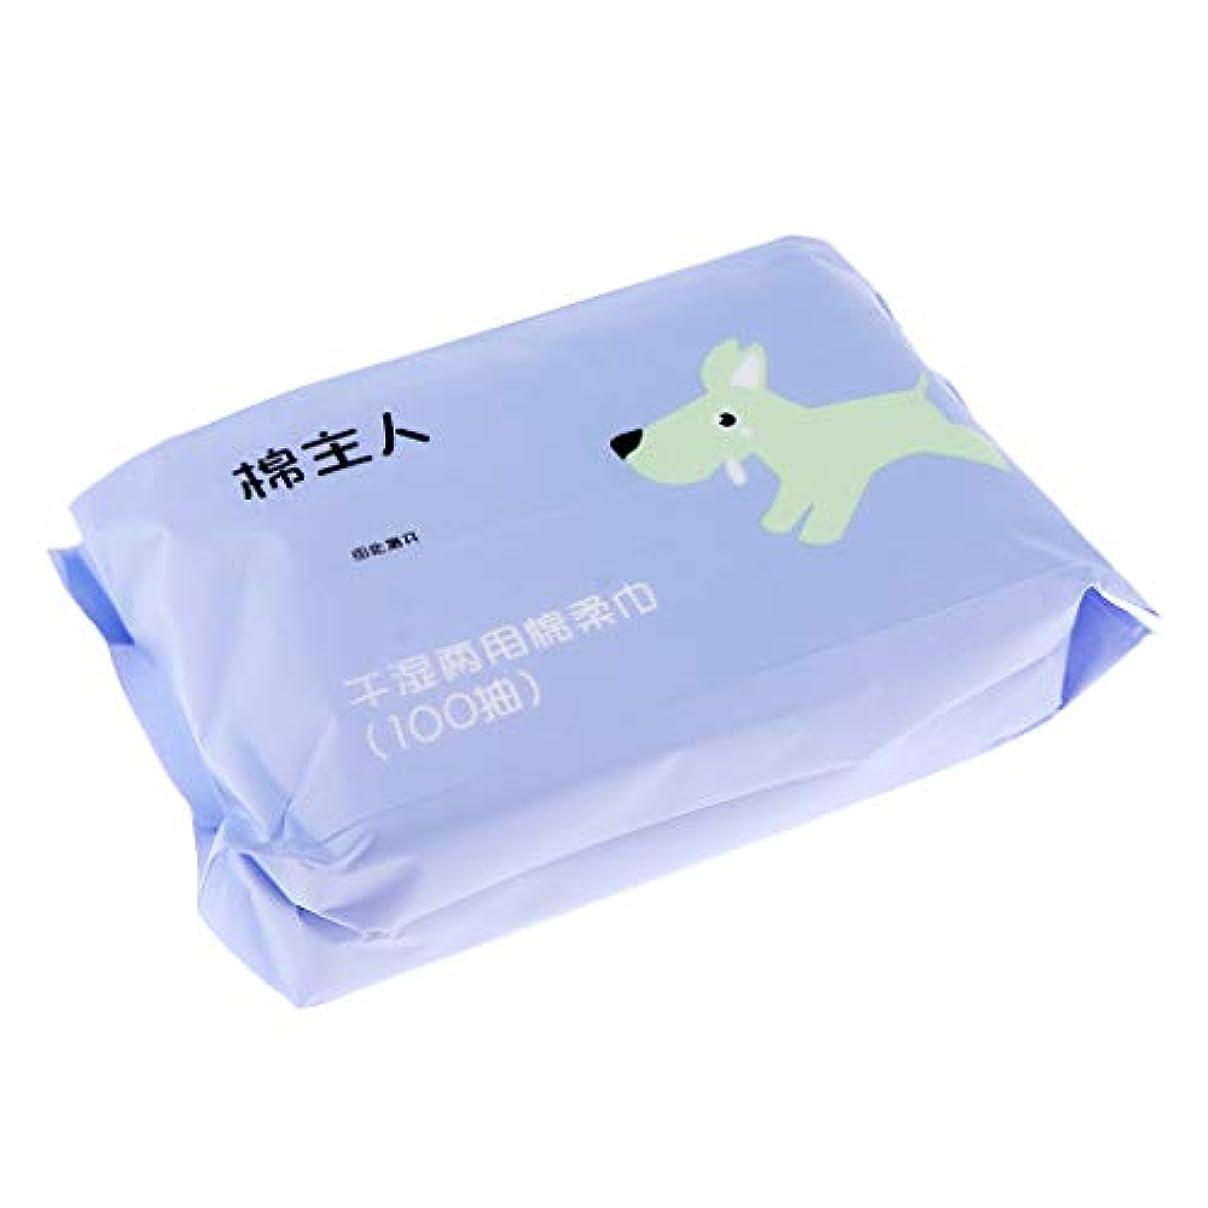 永久に虚弱効能約100枚 使い捨て クレンジングシート メイク落とし 化粧品 ソフト 2色選べ - 青紫